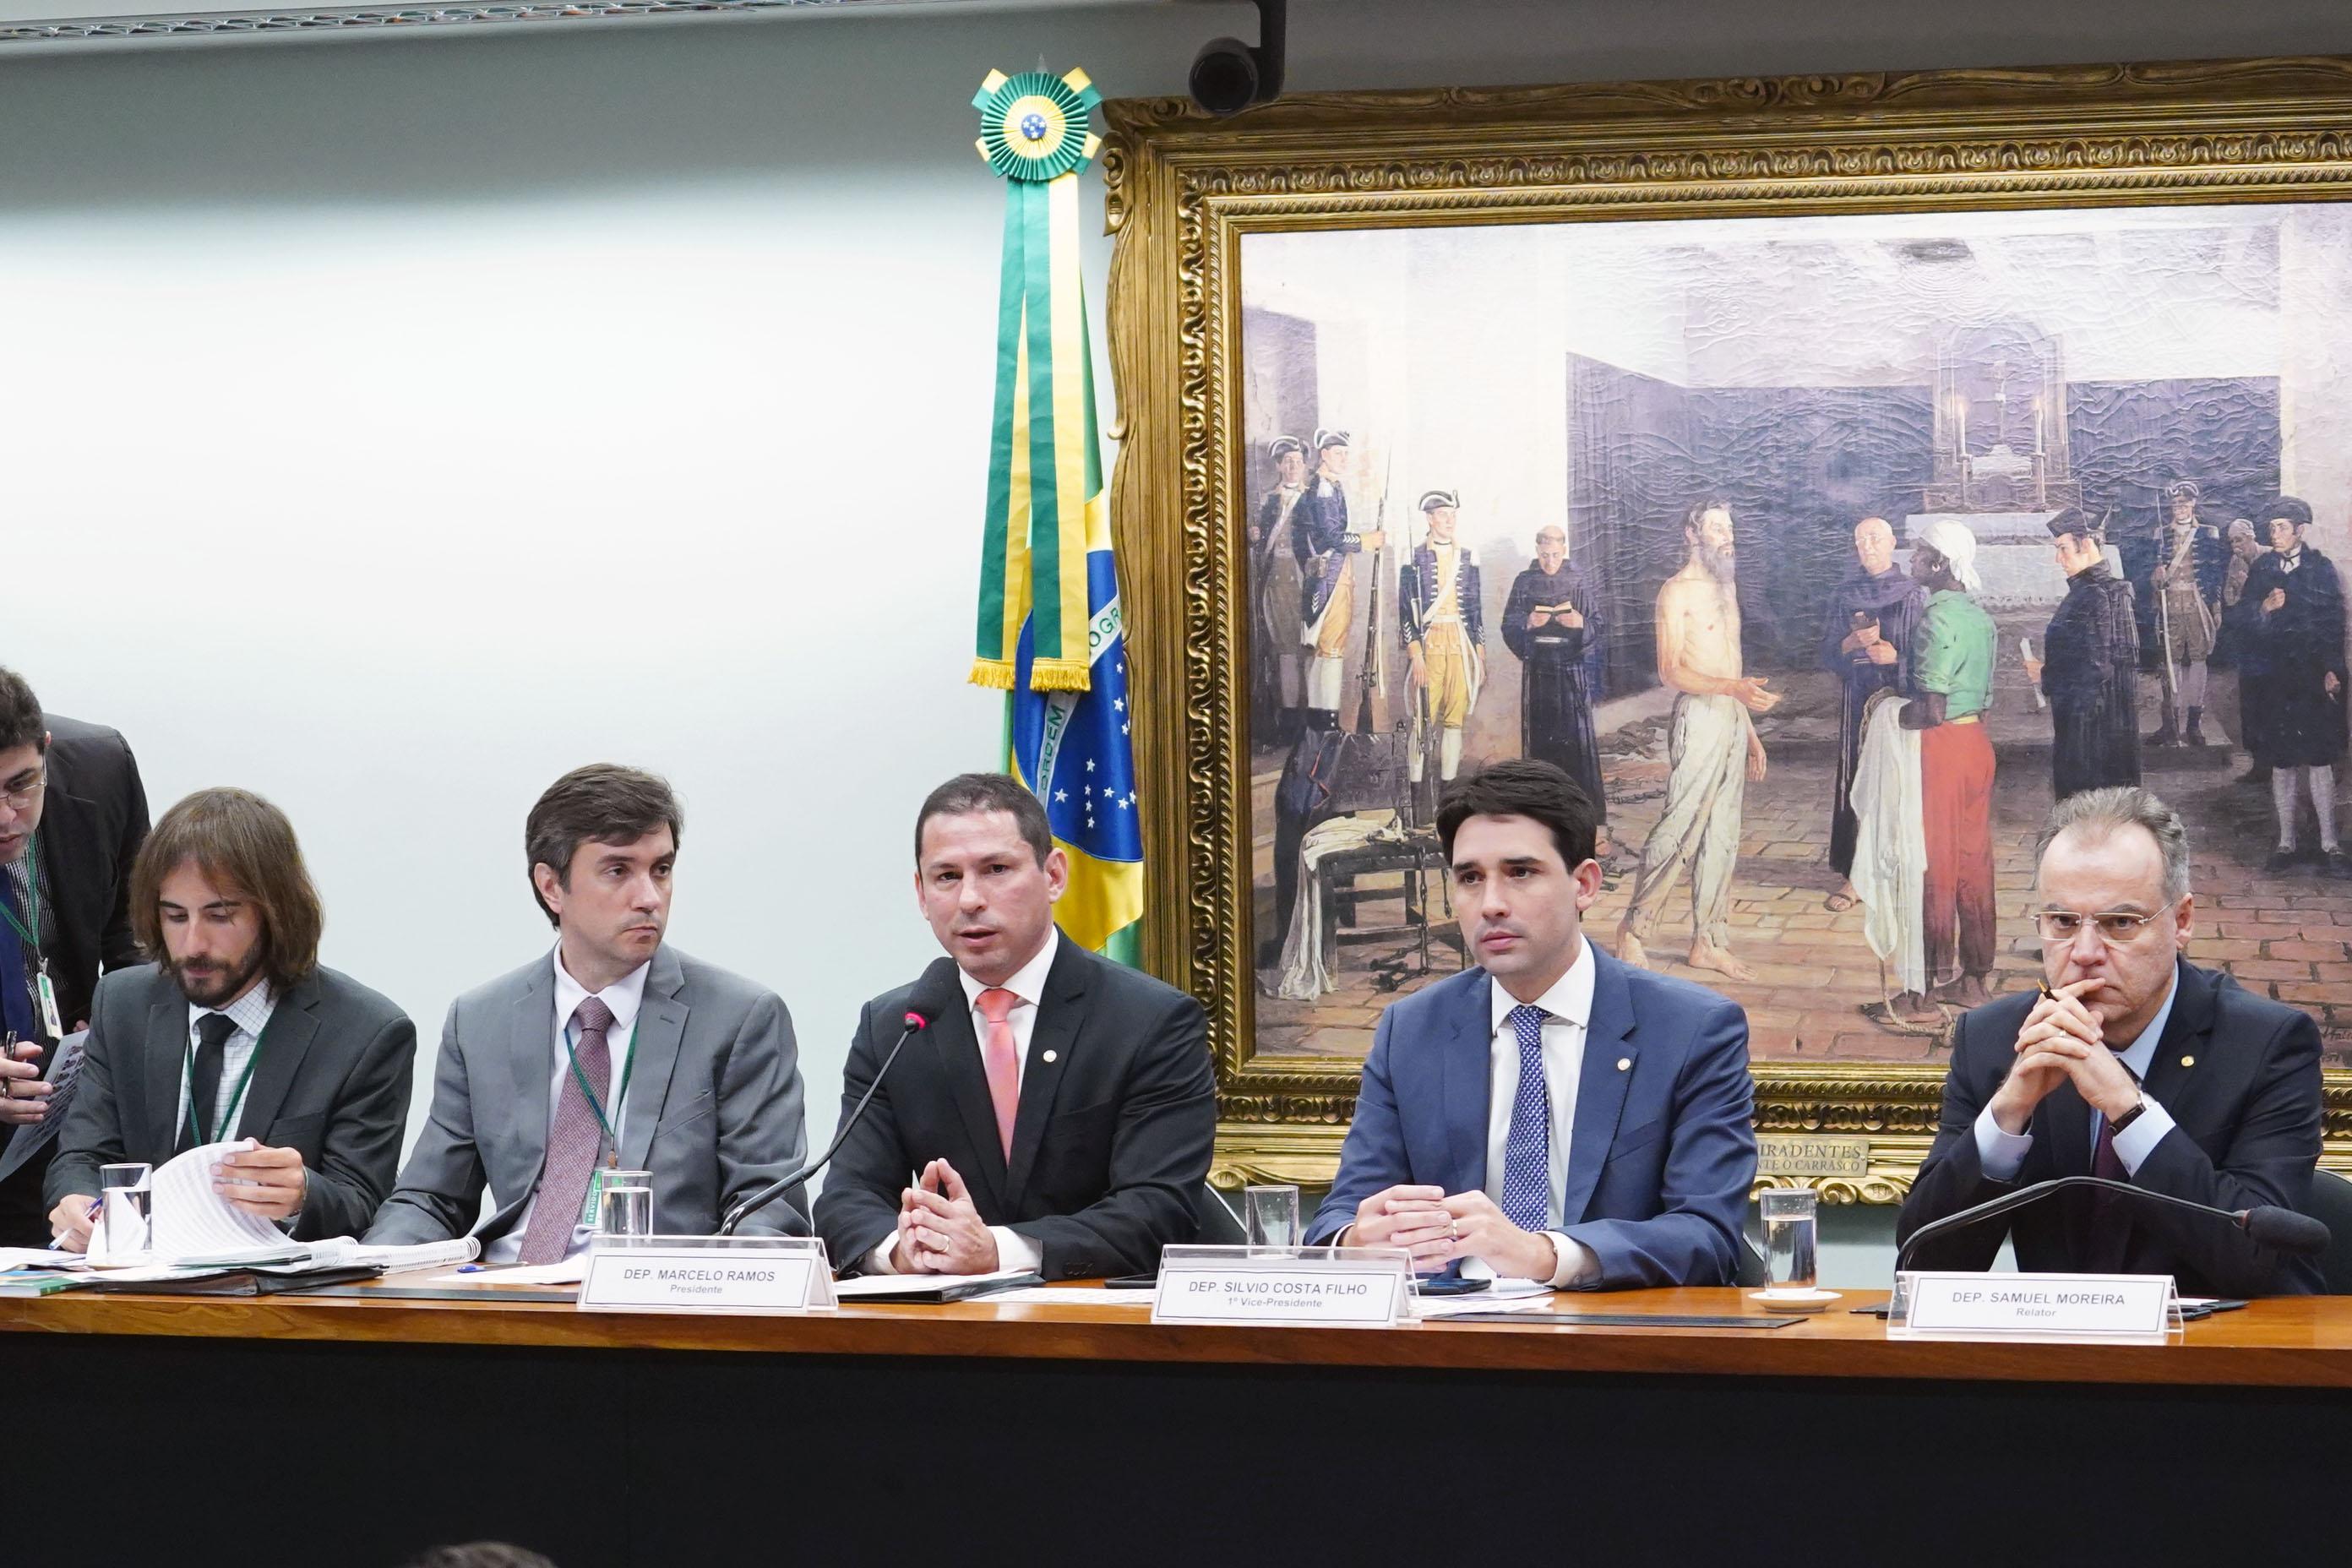 Instalação da Comissão especial da reforma da Previdência e eleição do presidente e dos vice-presidentes